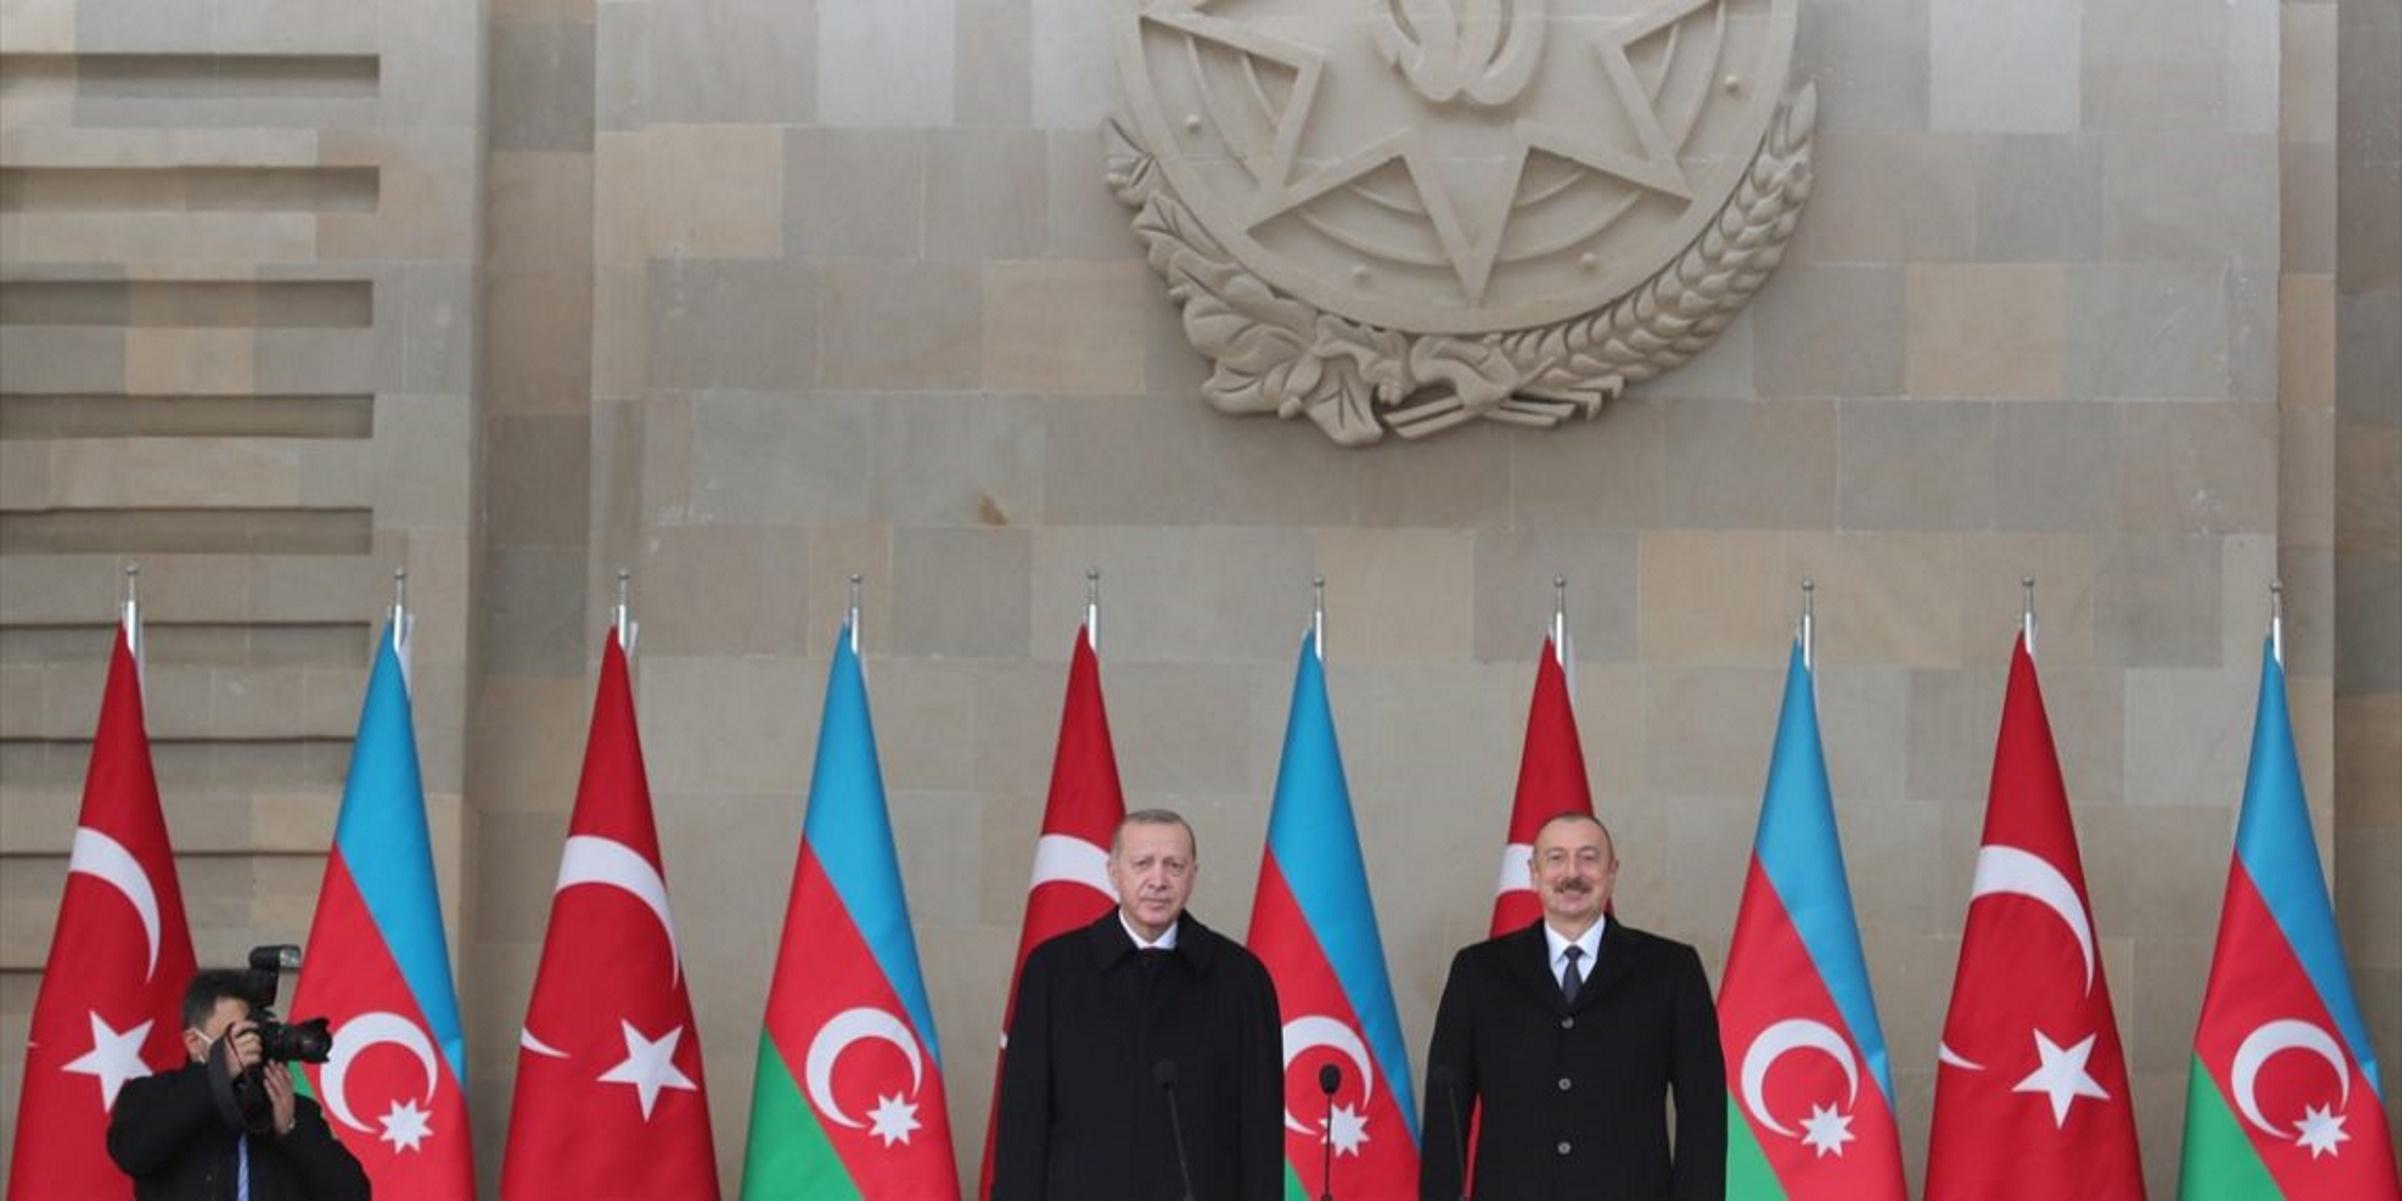 «Παραλήρημα» Ερντογάν: Οι Αρμένιοι ας μάθουν από την ήττα τους – Το προκλητικό σχόλιο για τη γενοκτονία του 1915